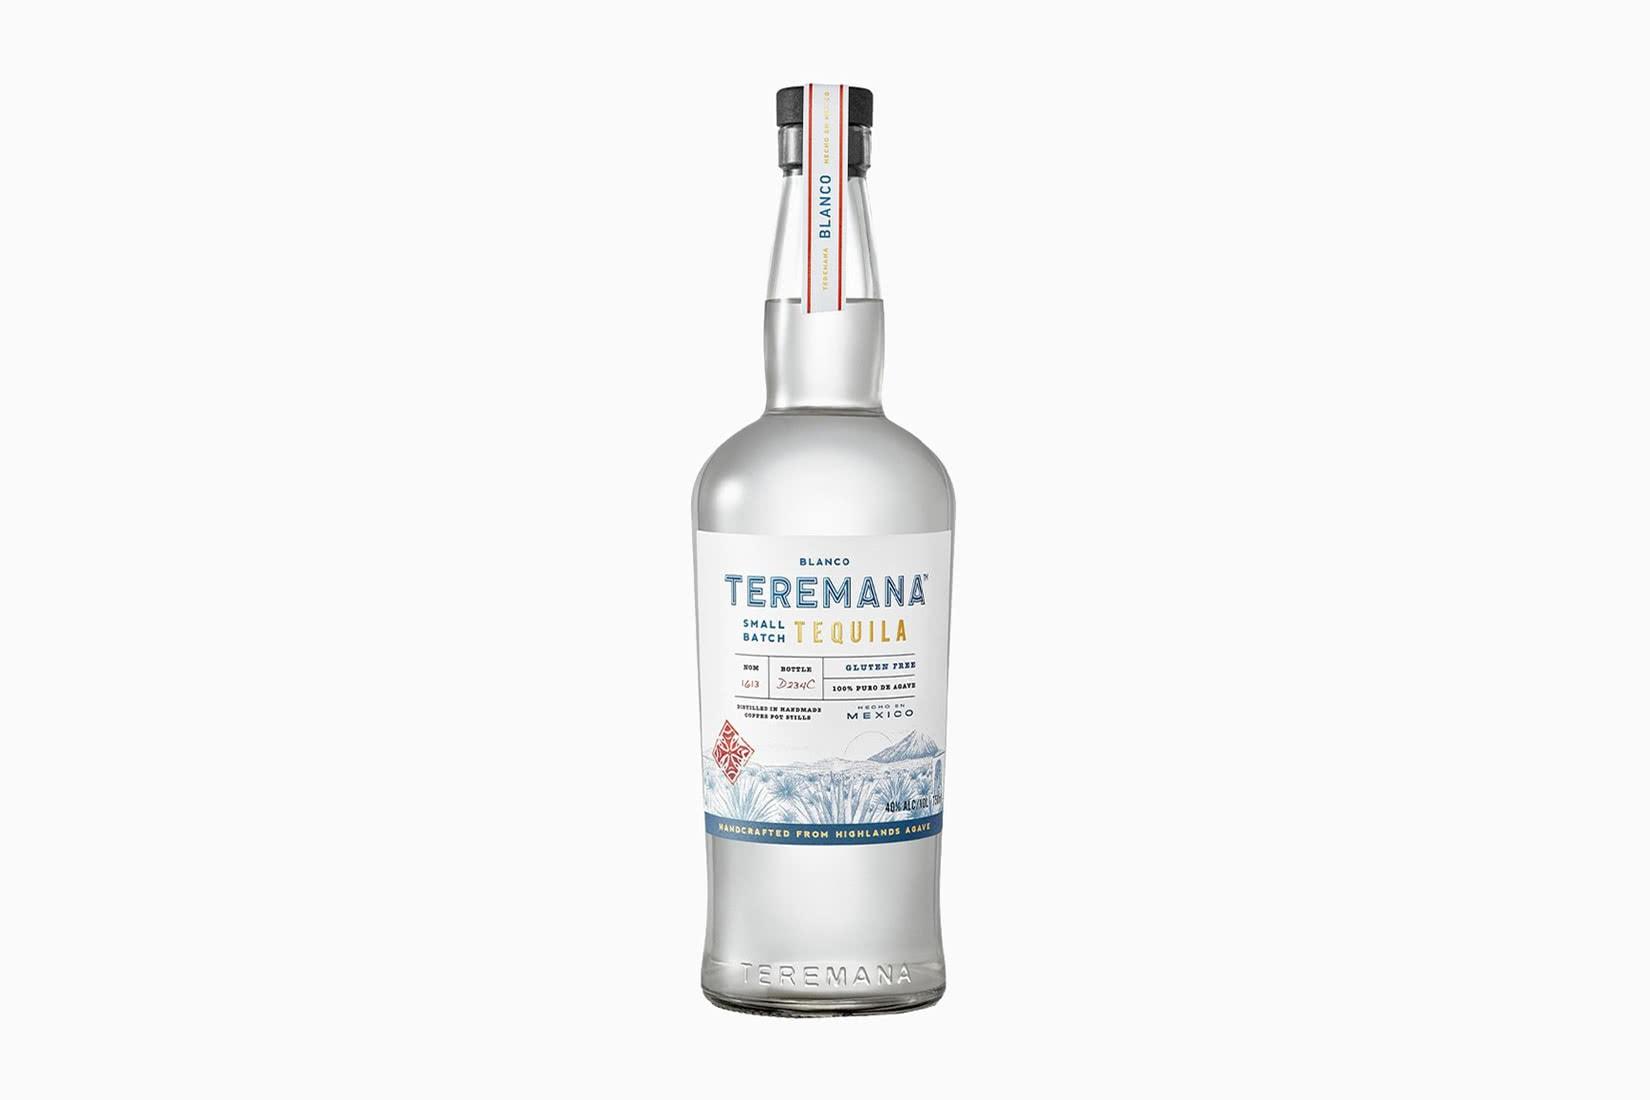 teremana tequila blanco botella precio tamaño revisión - Luxe Digital